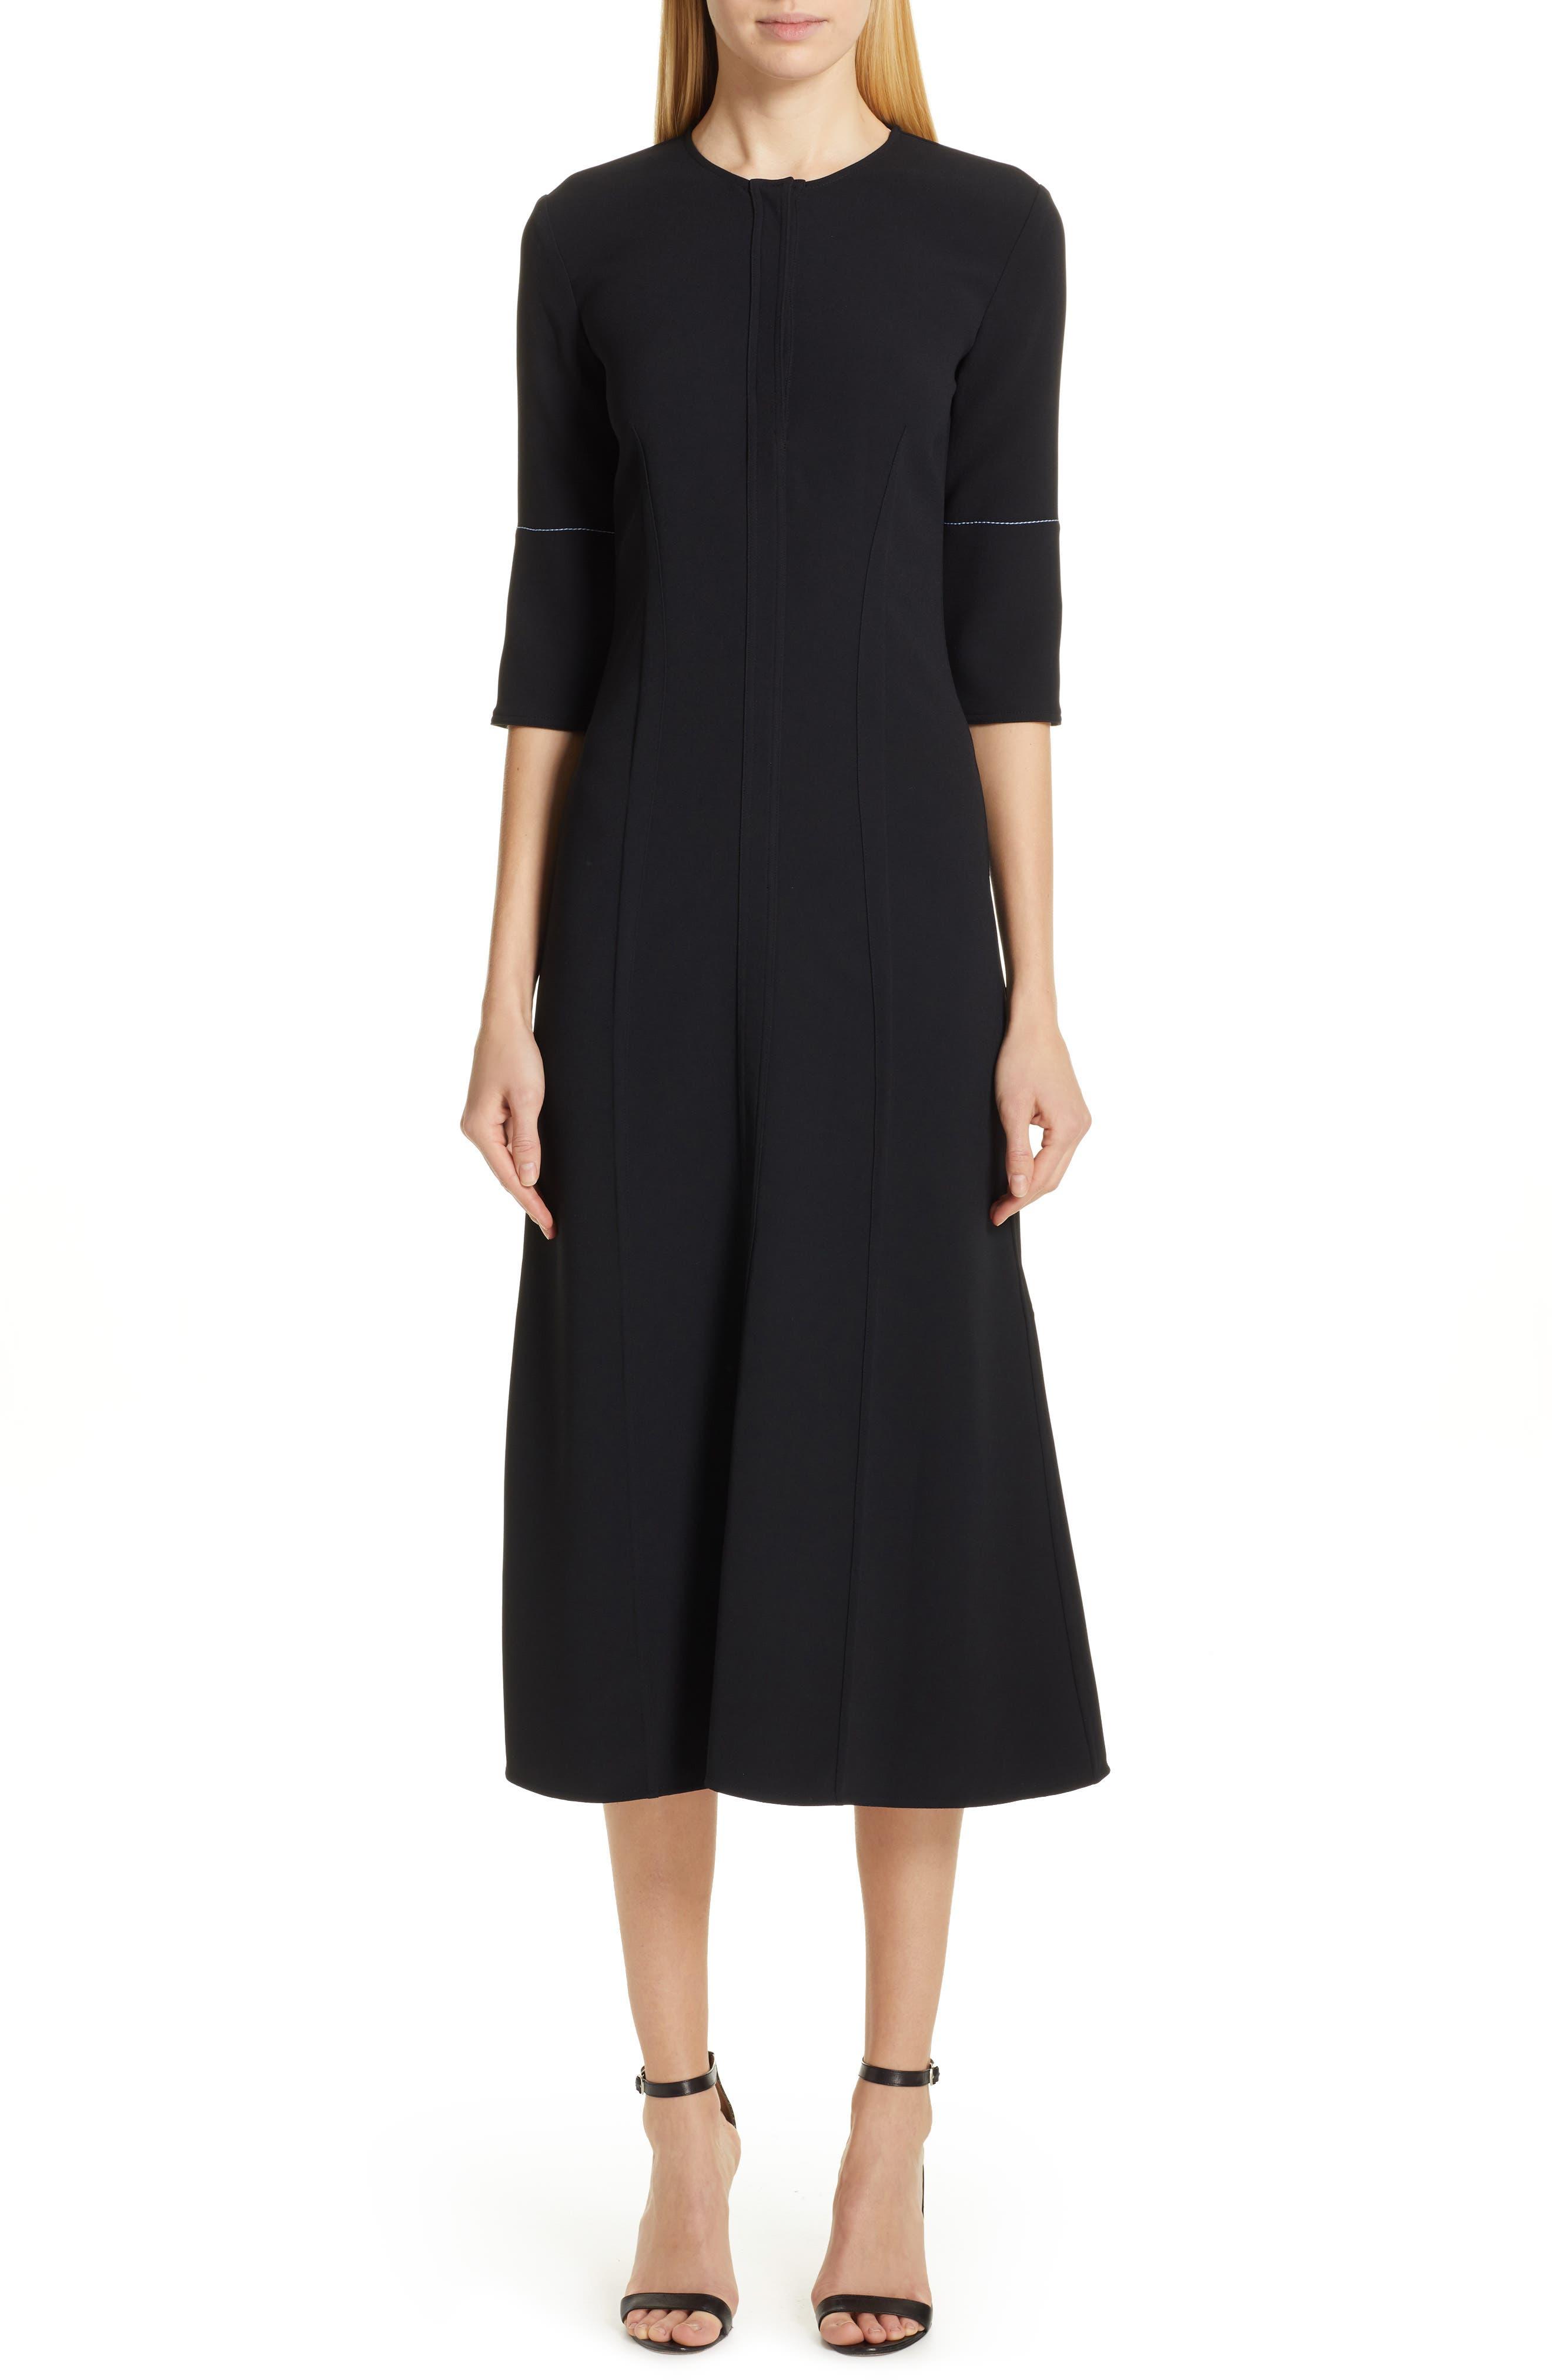 VICTORIA BECKHAM, Contrast Stitch Crepe Dress, Main thumbnail 1, color, BLACK